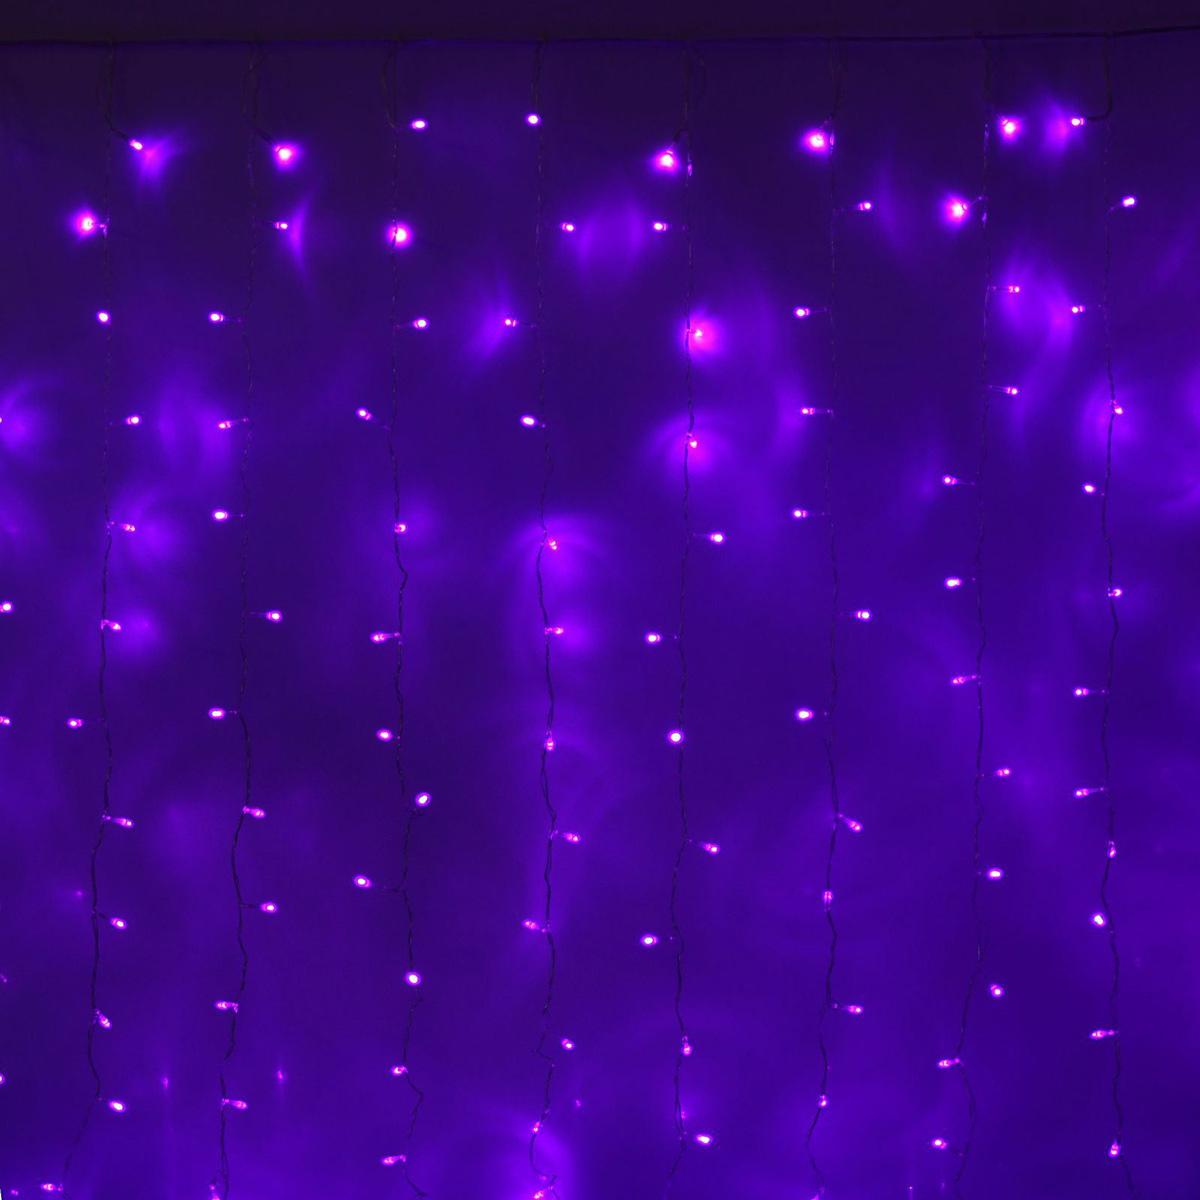 Гирлянда светодиодная Luazon Занавес, цвет: фиолетовый, 720 ламп, 8 режимов, 220 V, 2 х 3 м. 1080476 гирлянда светодиодная luazon дождь 400 ламп 8 режимов 220 v 2 х 1 5 м цвет белый 671639